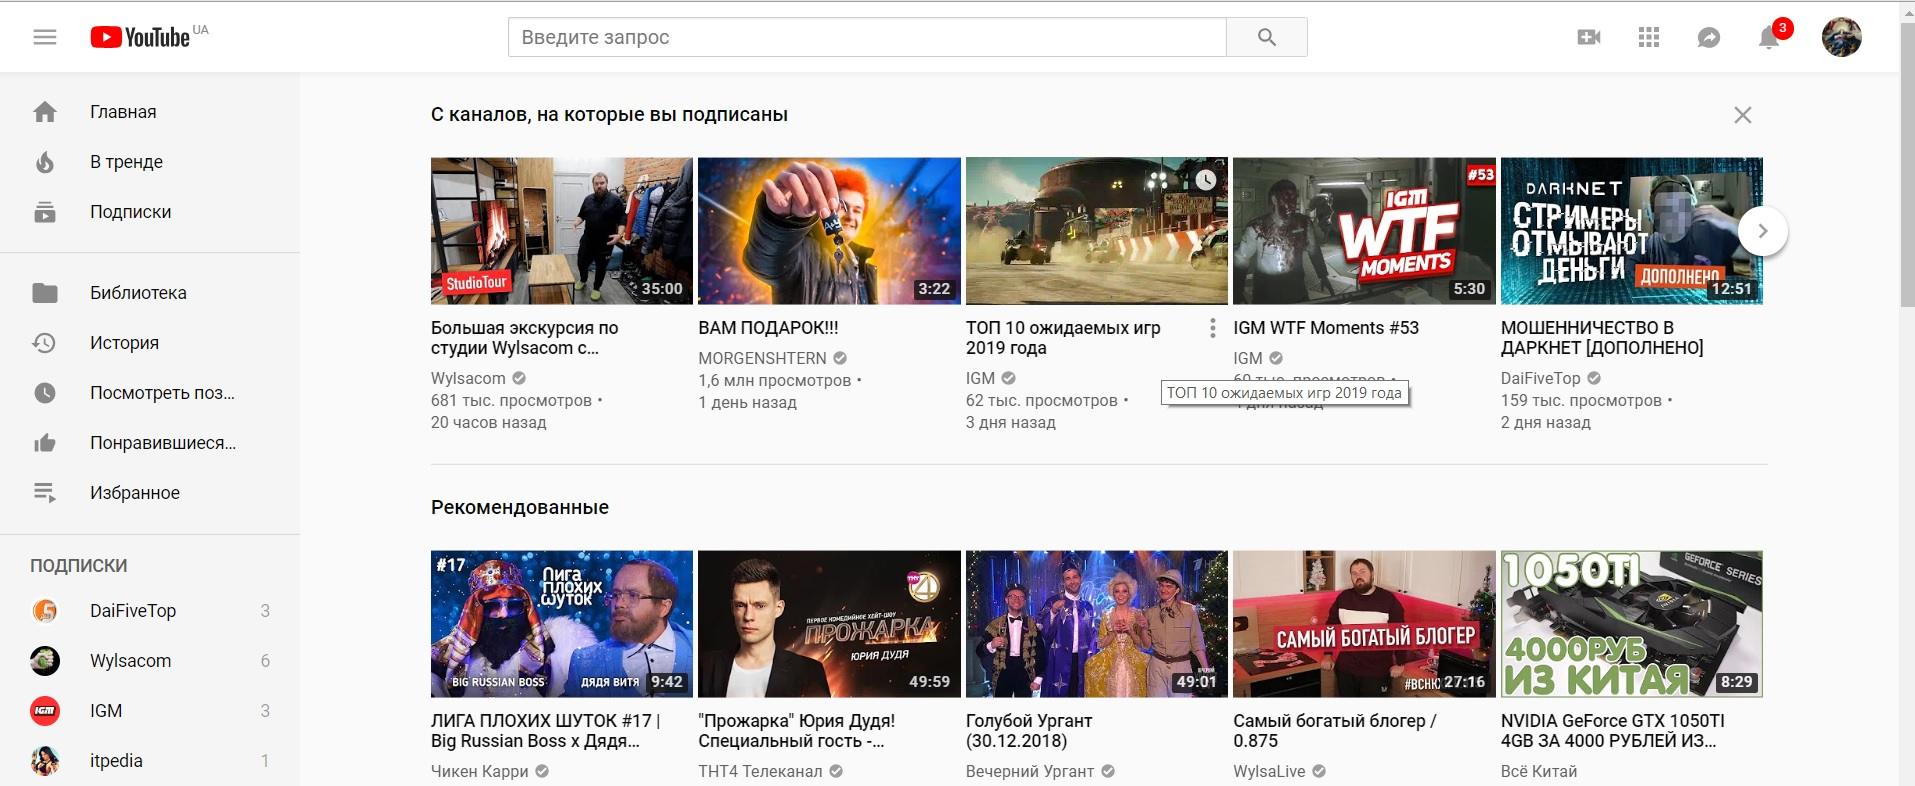 kak-podkluchit-youtube2.jpg